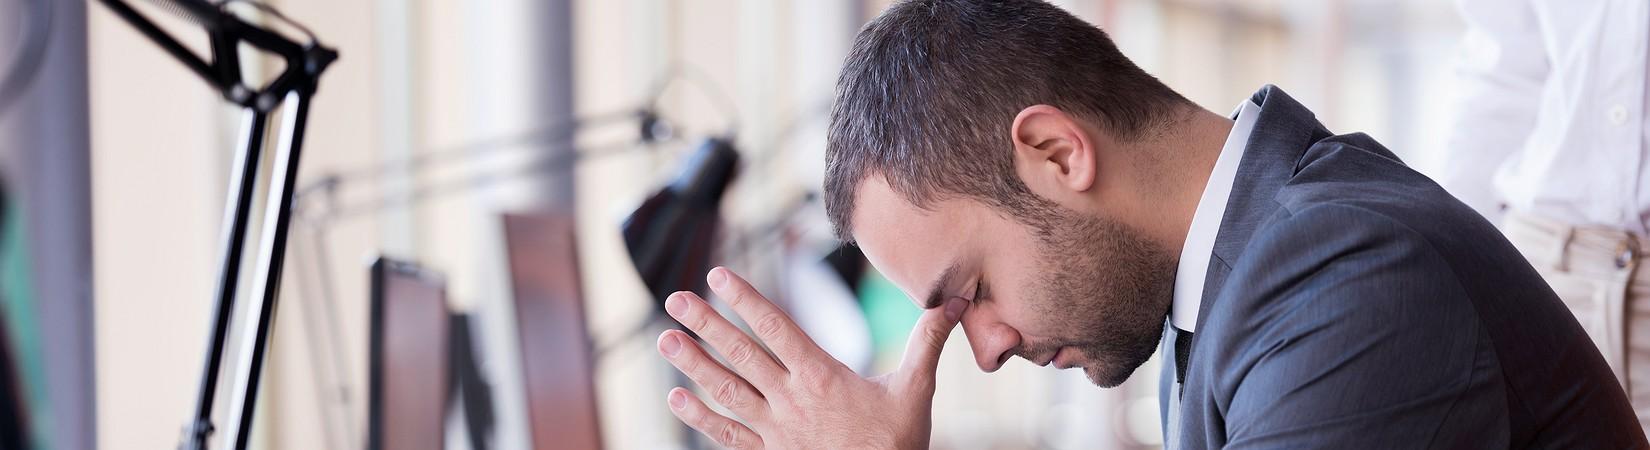 7 signos que indican que estás agotado